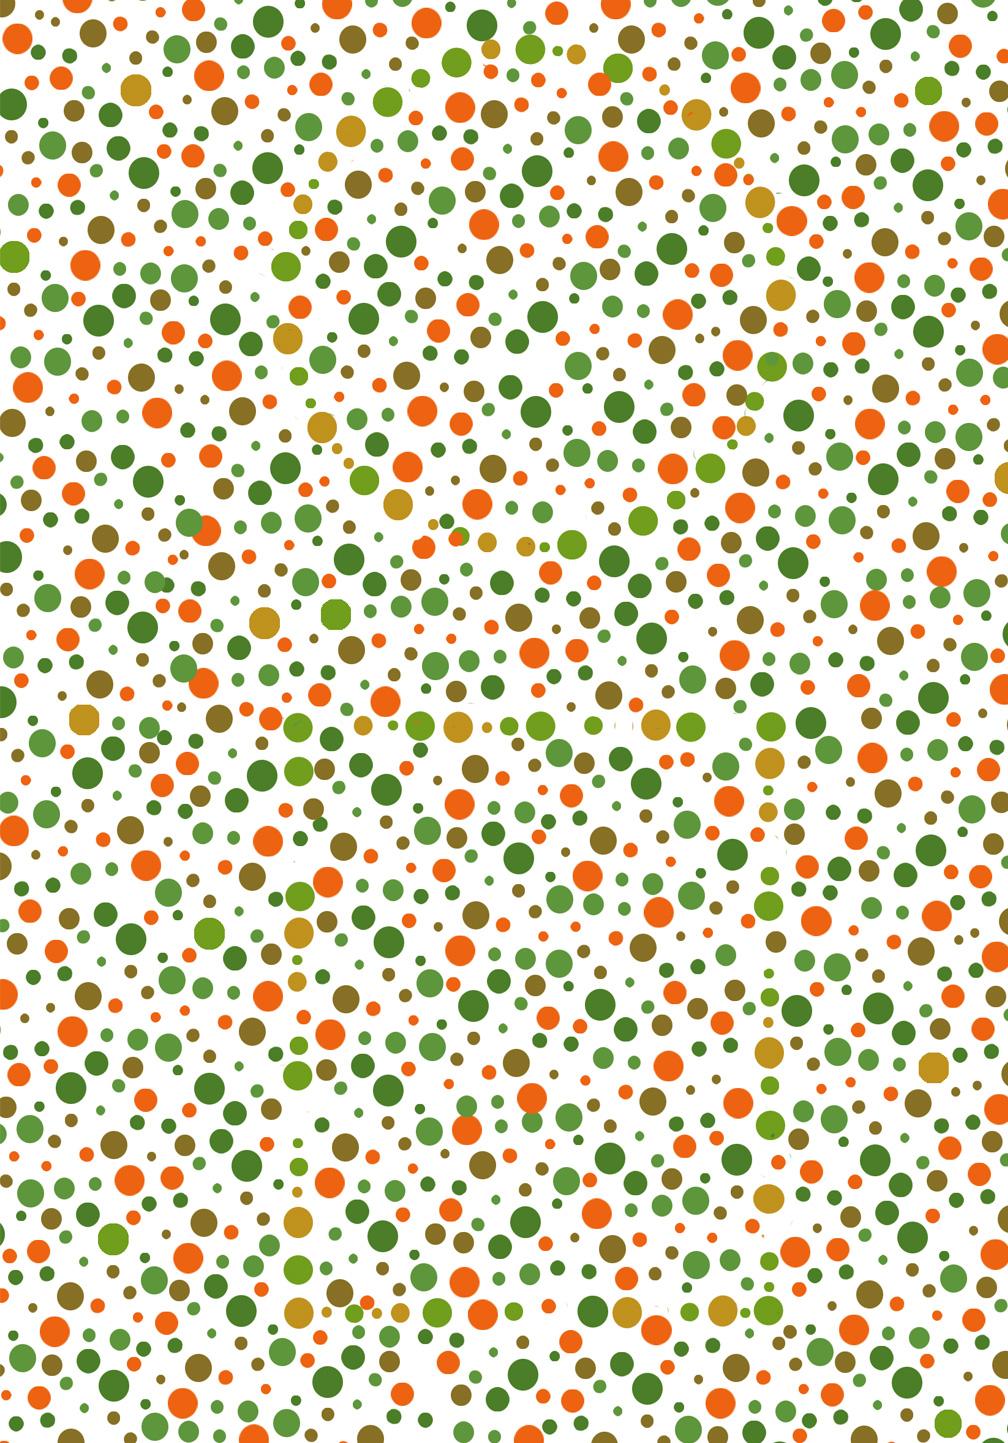 test inverso daltonismo